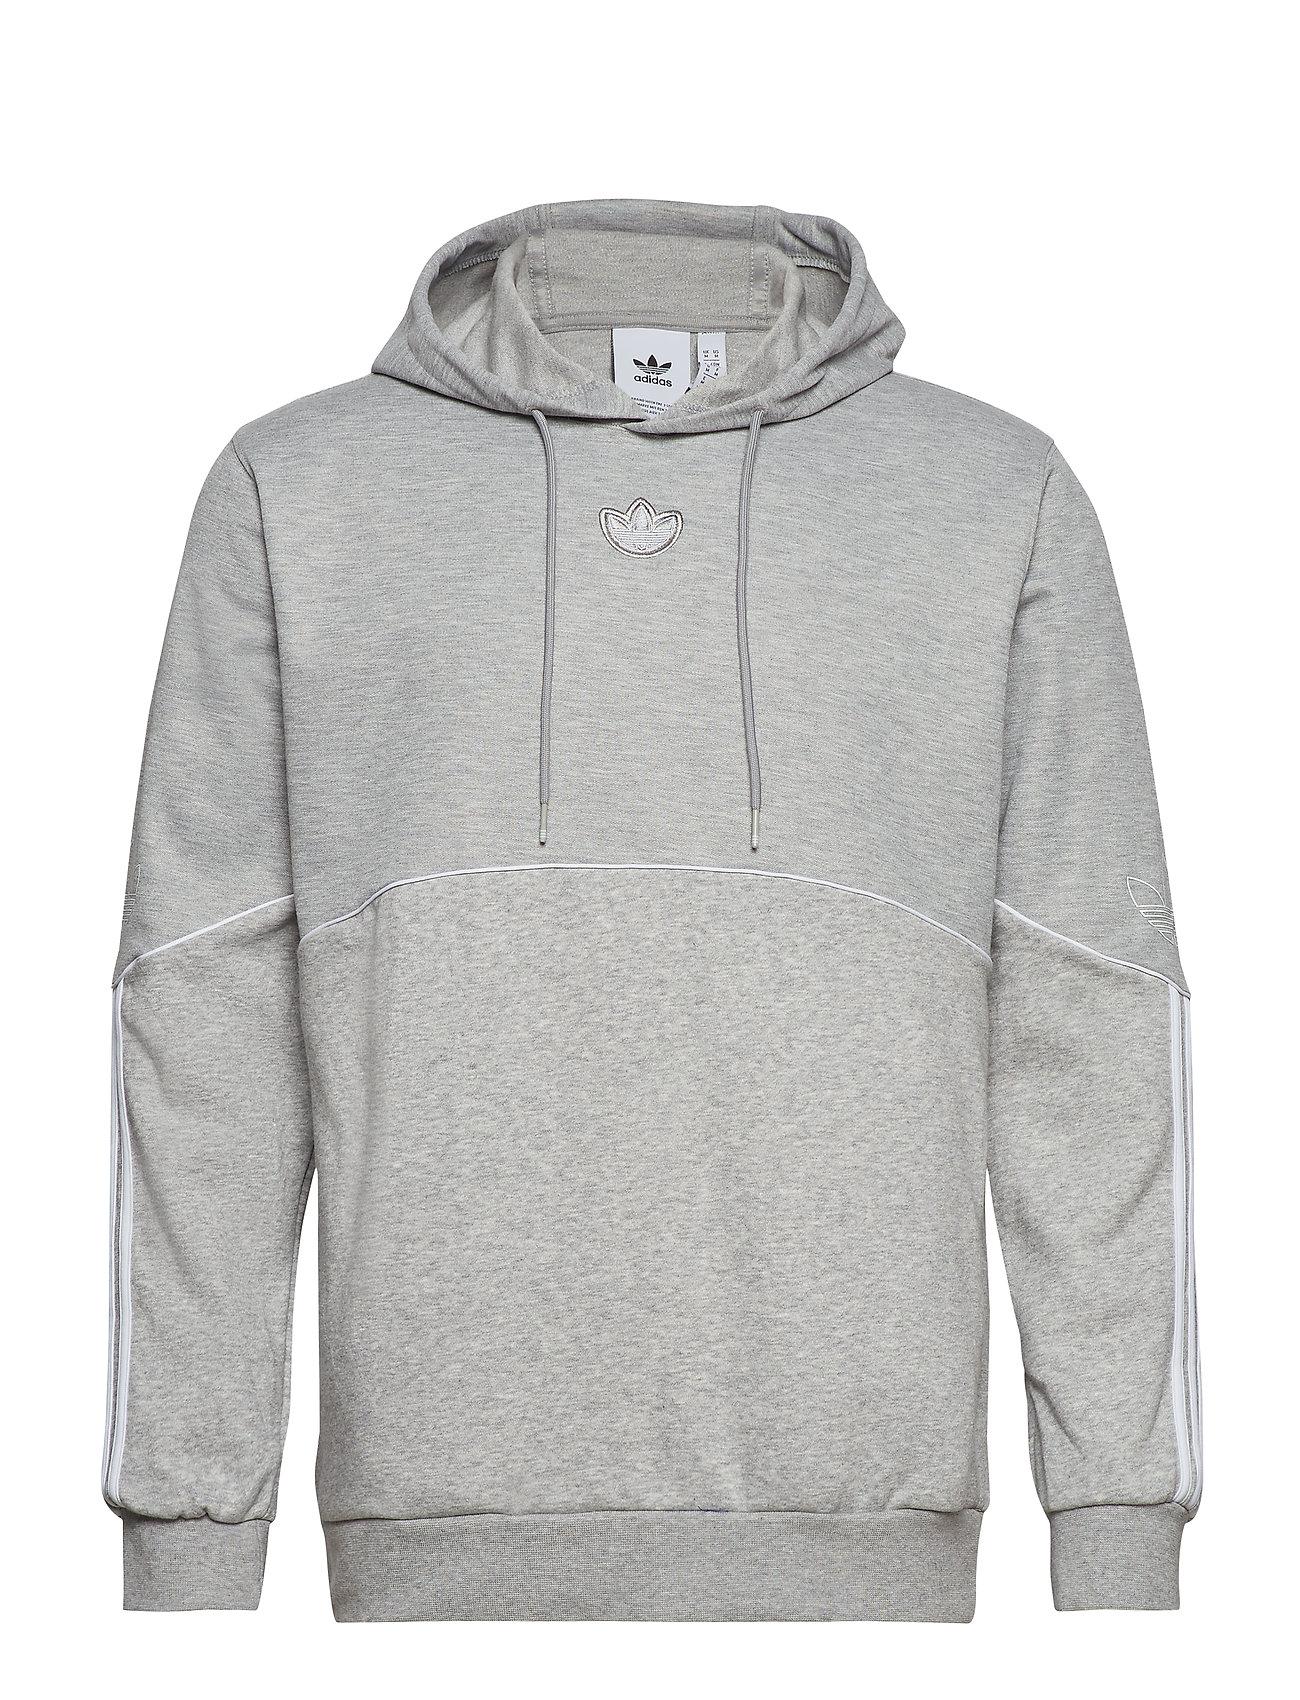 adidas Originals OUTLINE HDY FLC - MGREYH